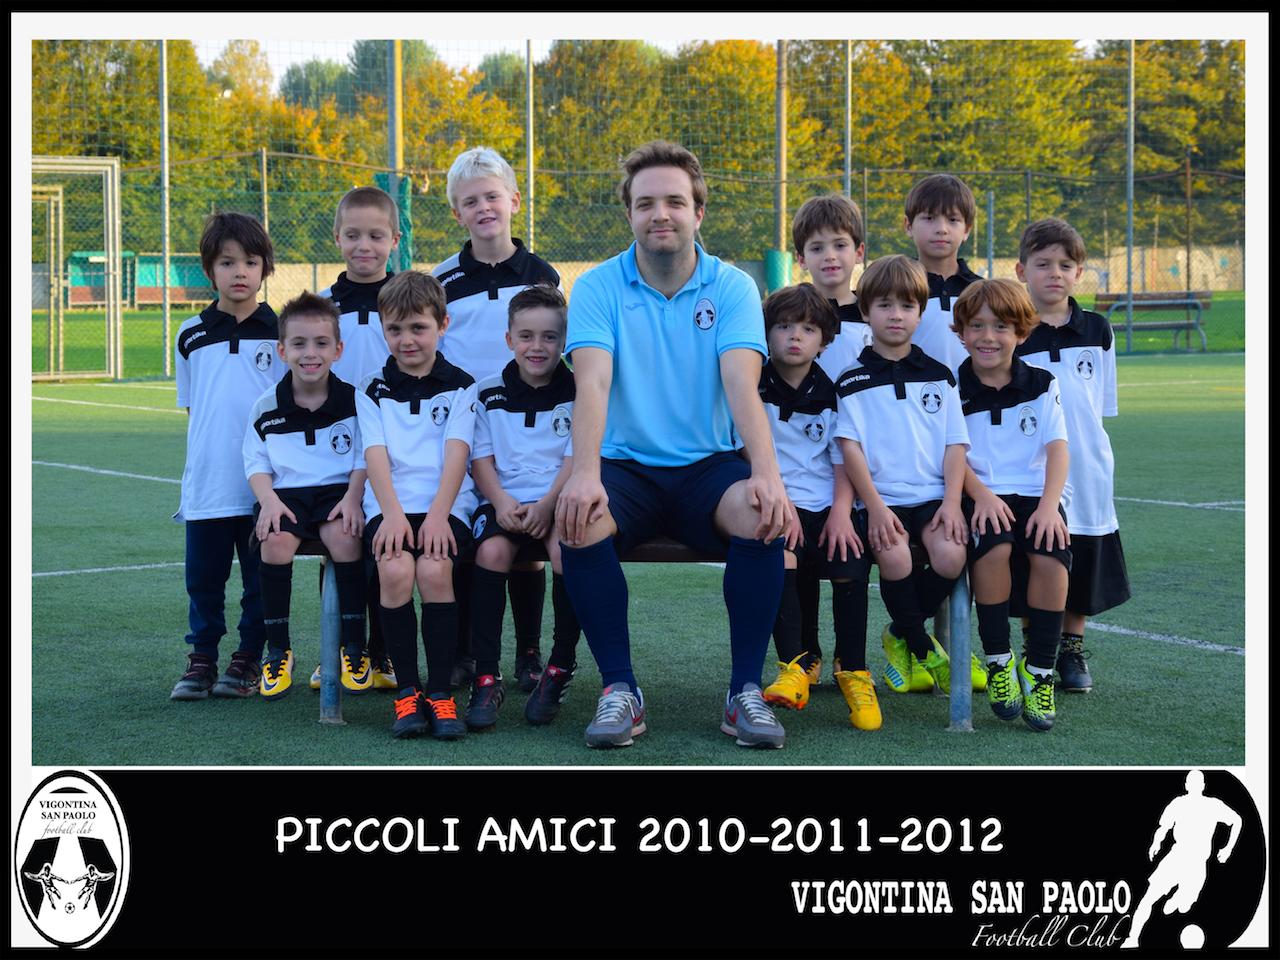 2010:2011:2012 Piccoli Amici